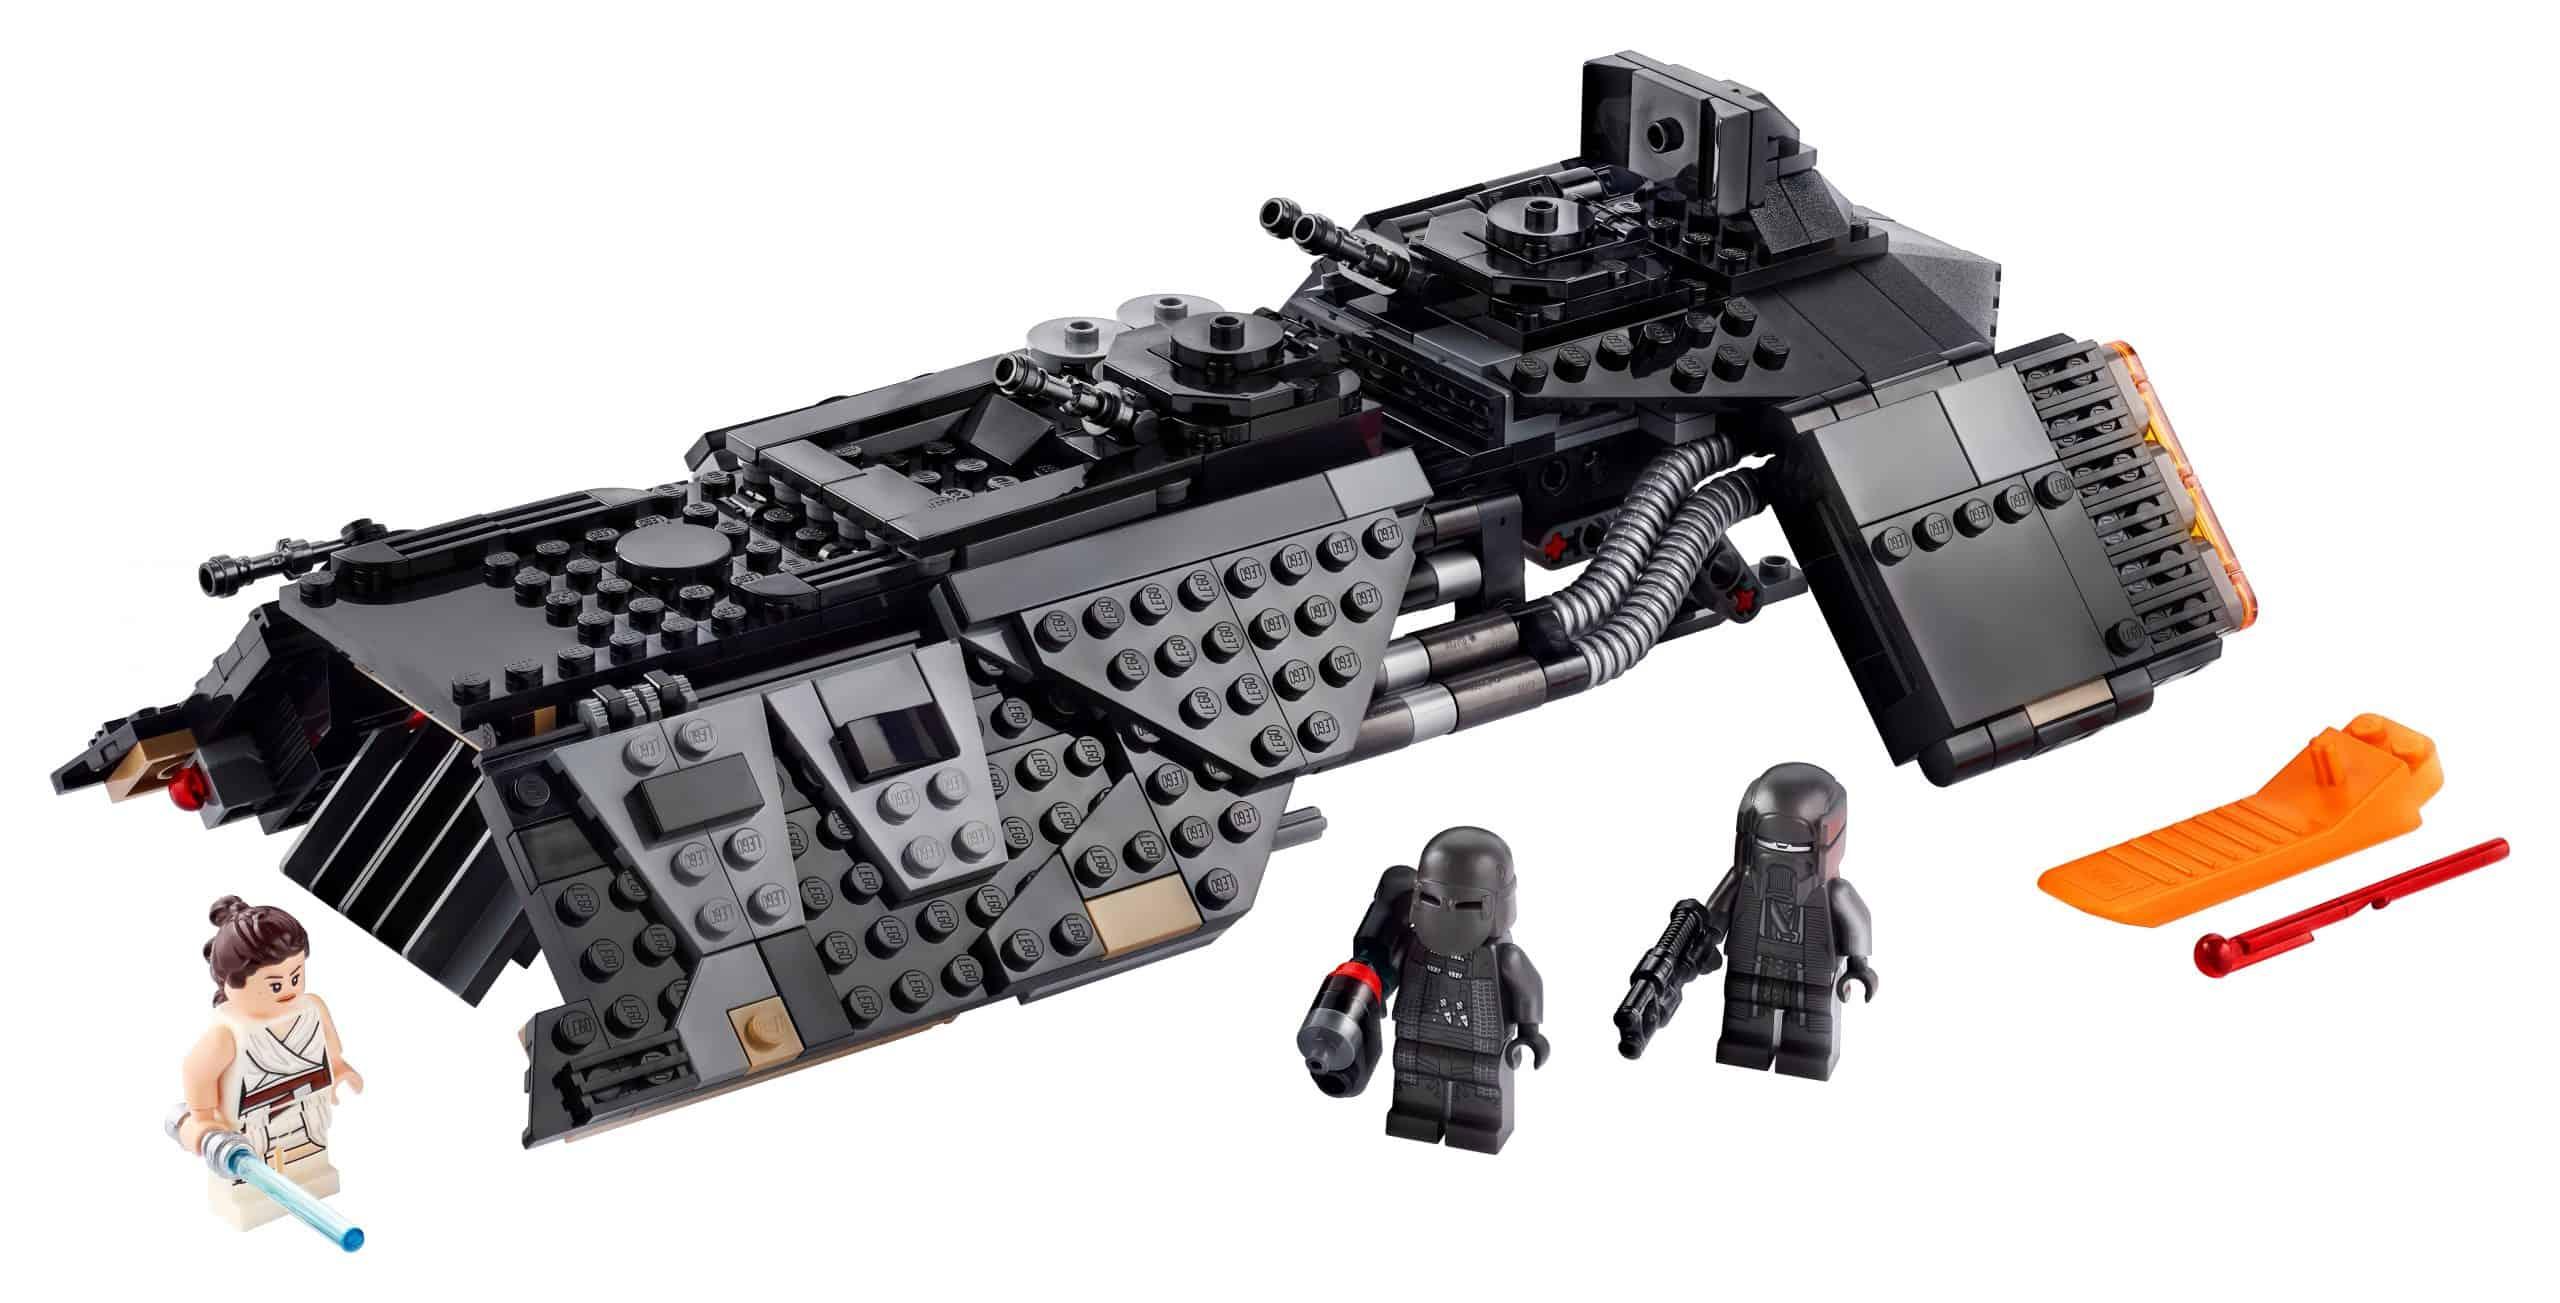 lego knights of ren transportschip 75284 scaled